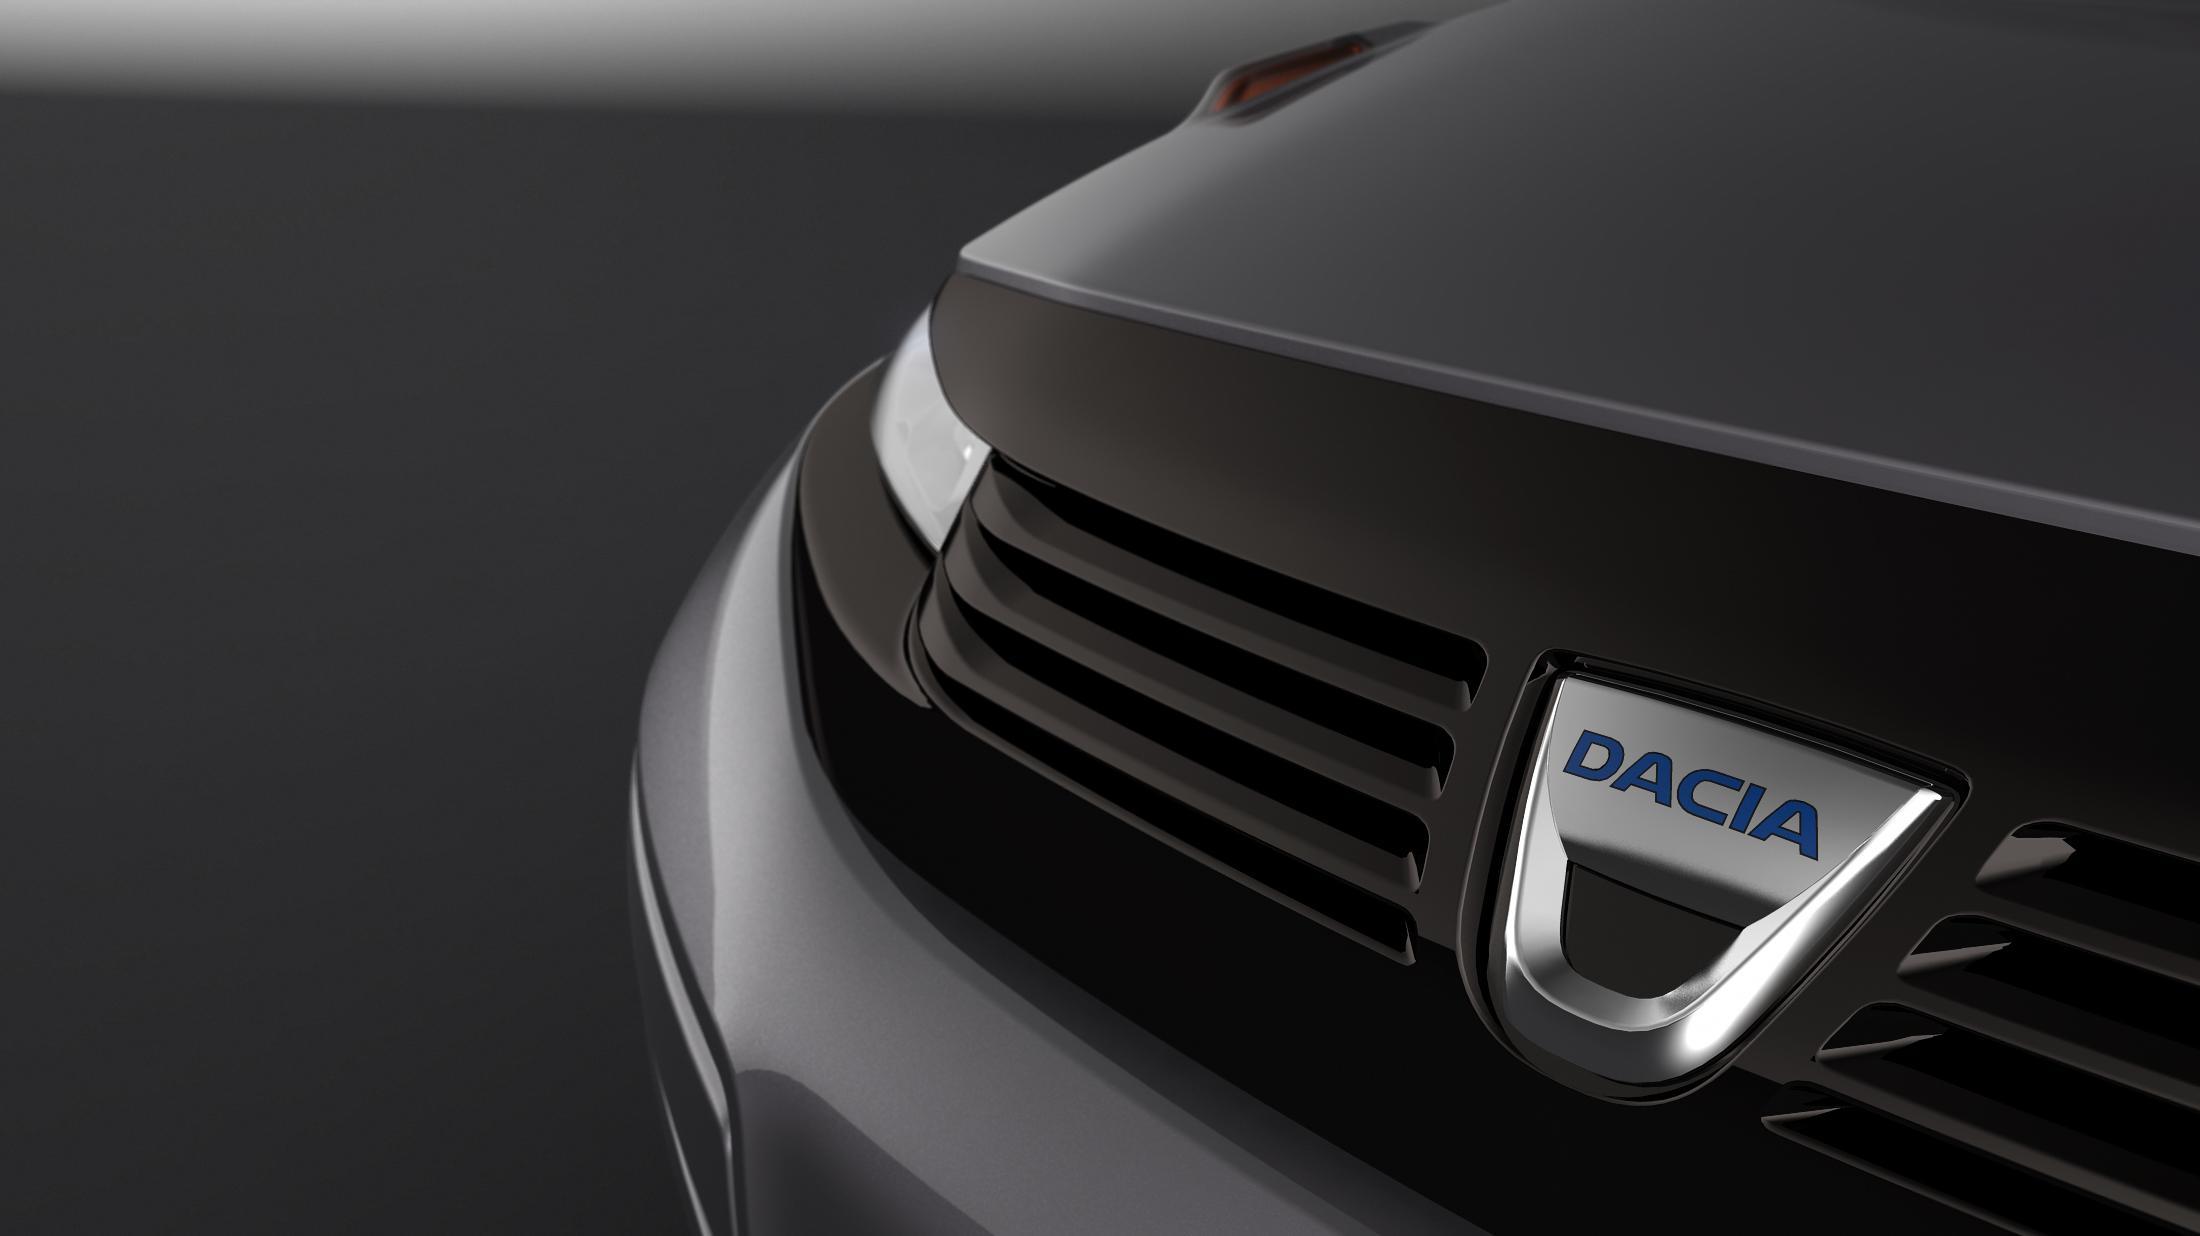 Dacia Duster Crossover Concept – очень много фотографий в высоком разрешении - фотография №12